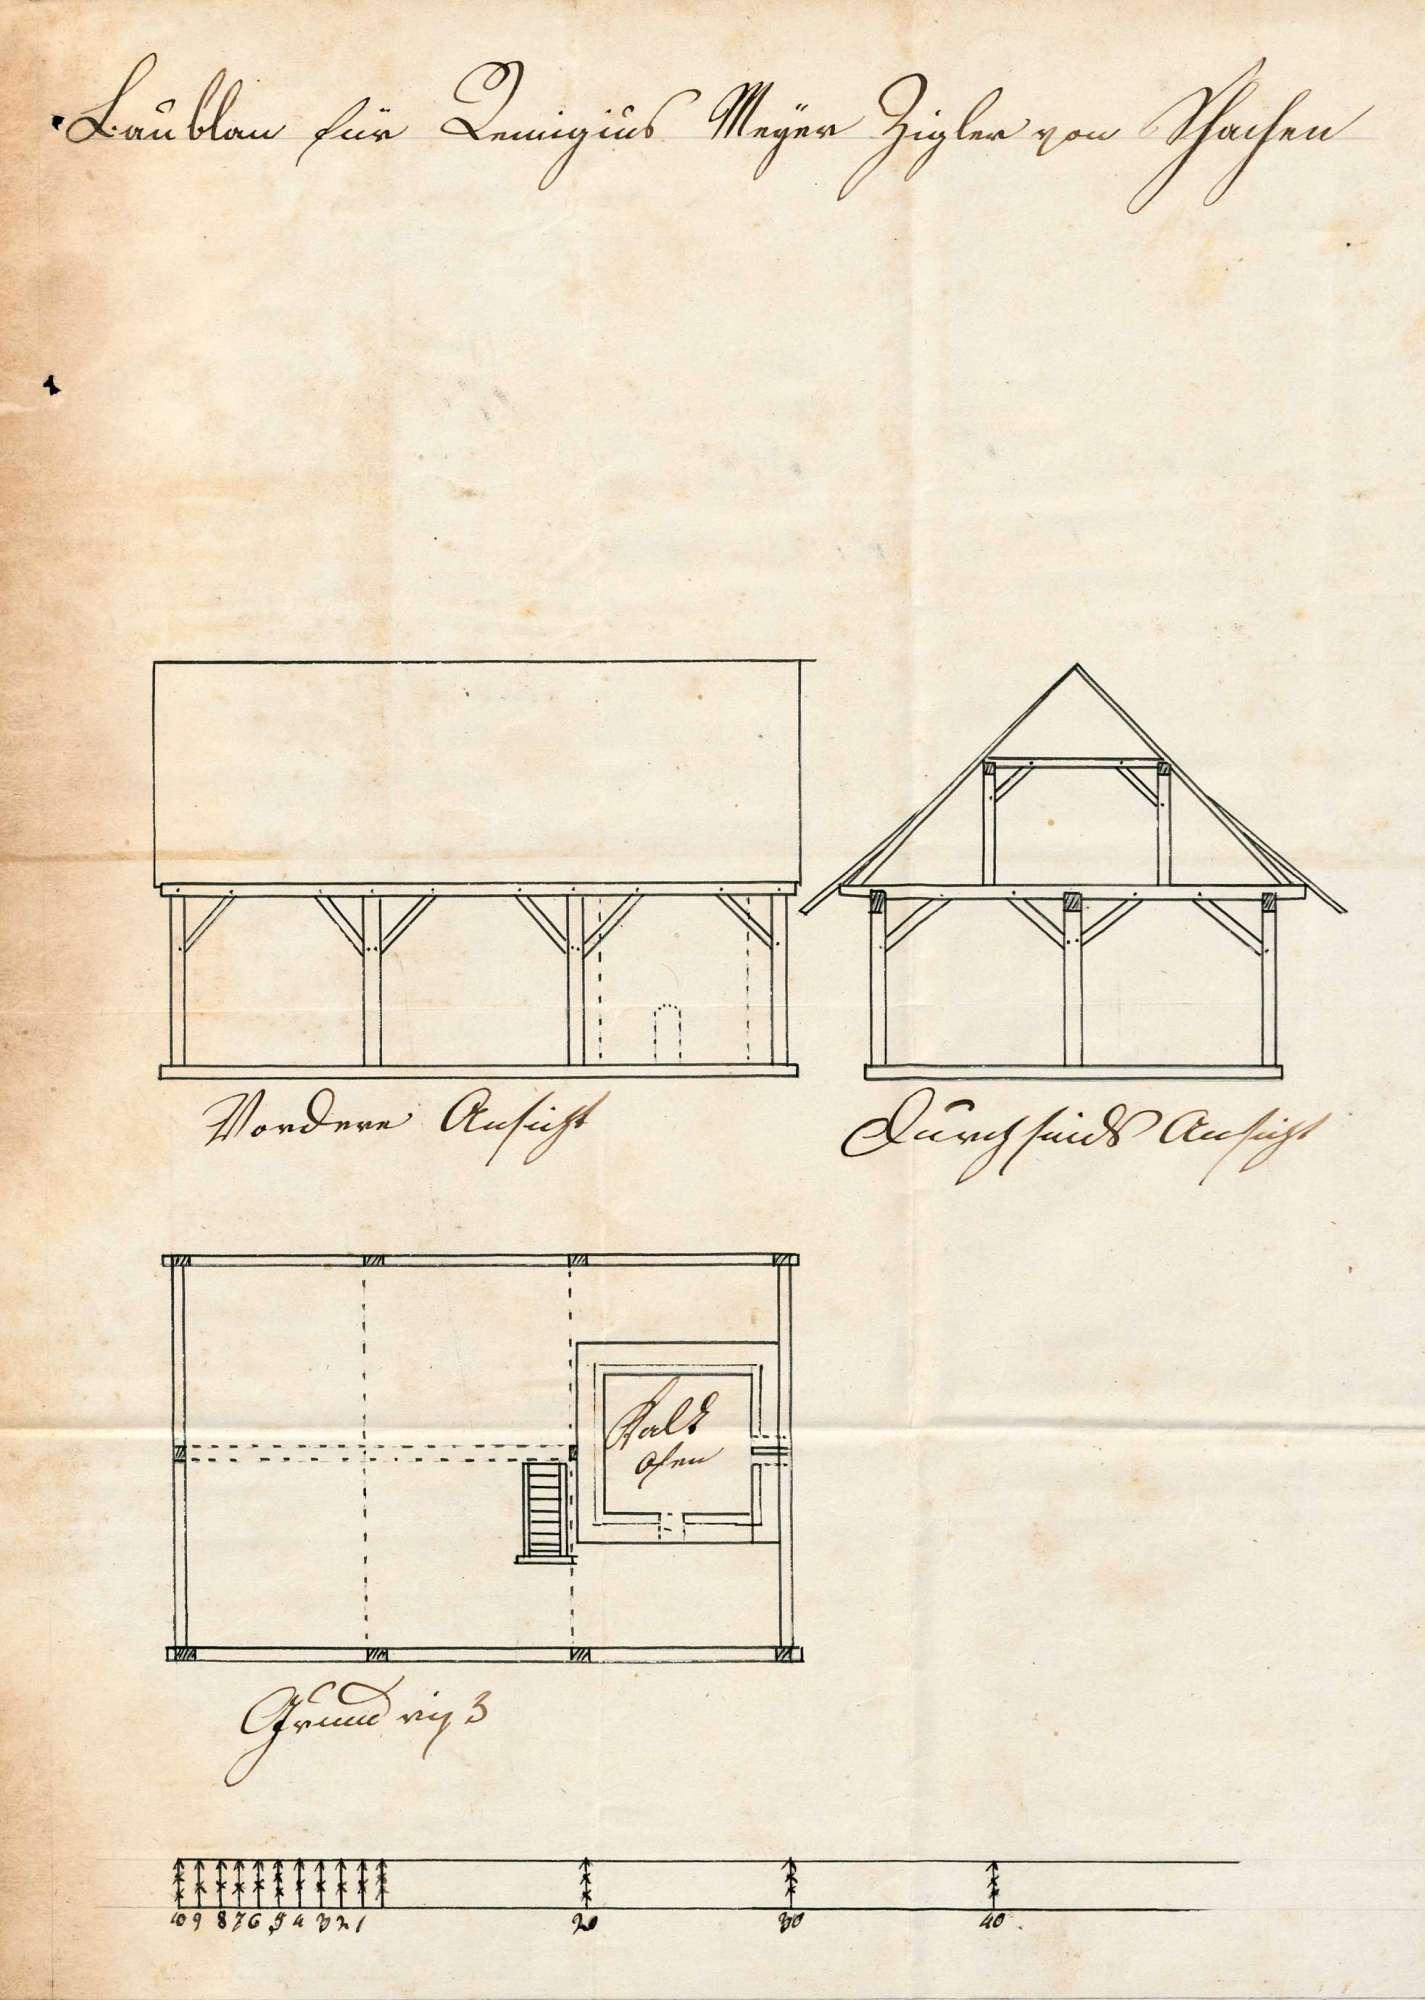 Bau einer Ziegelmühle durch Remigius Maier von Schachen, Bild 2